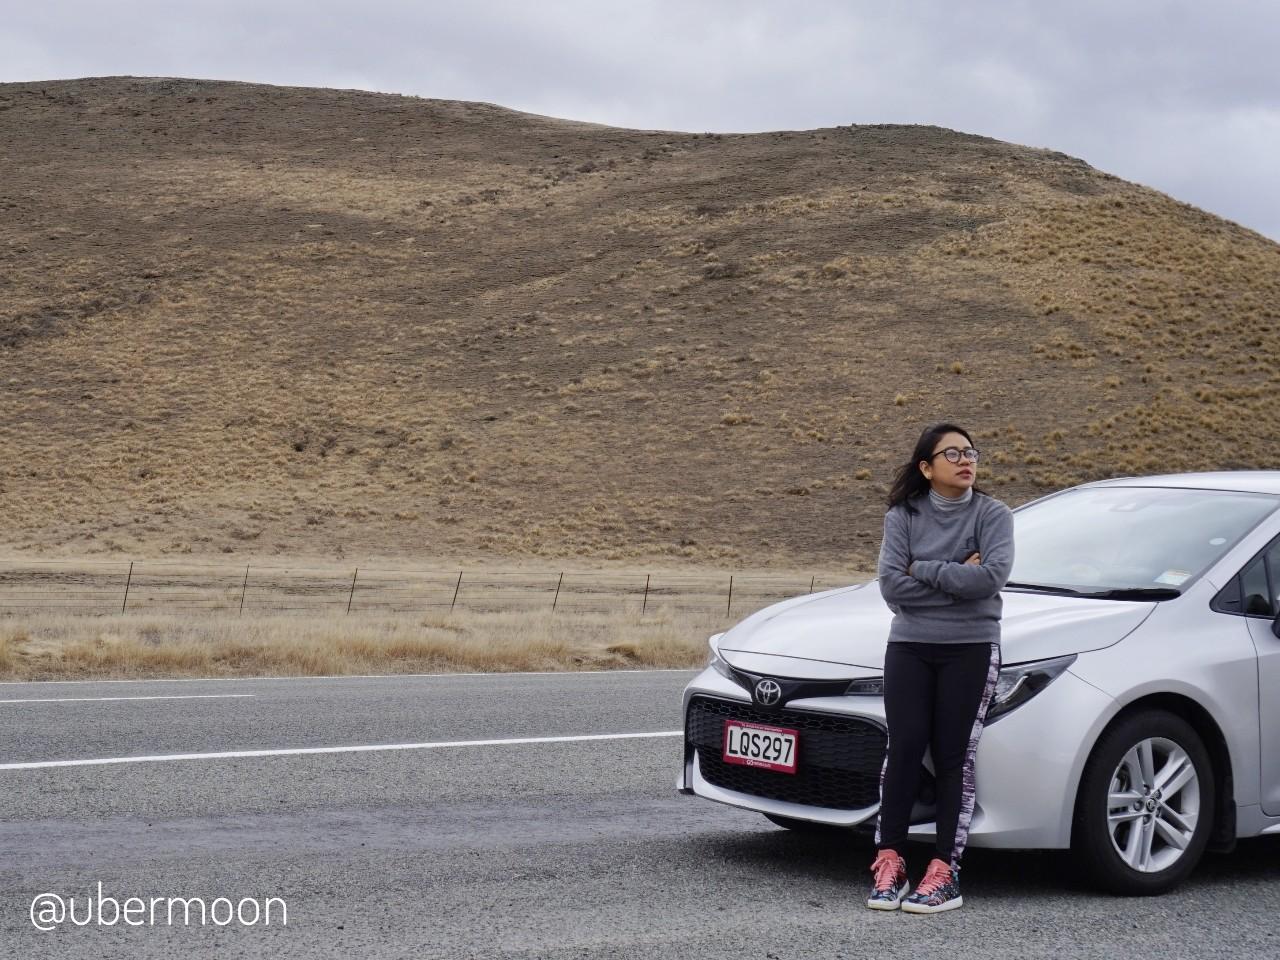 Sewa mobil dan menyetir di New Zealand